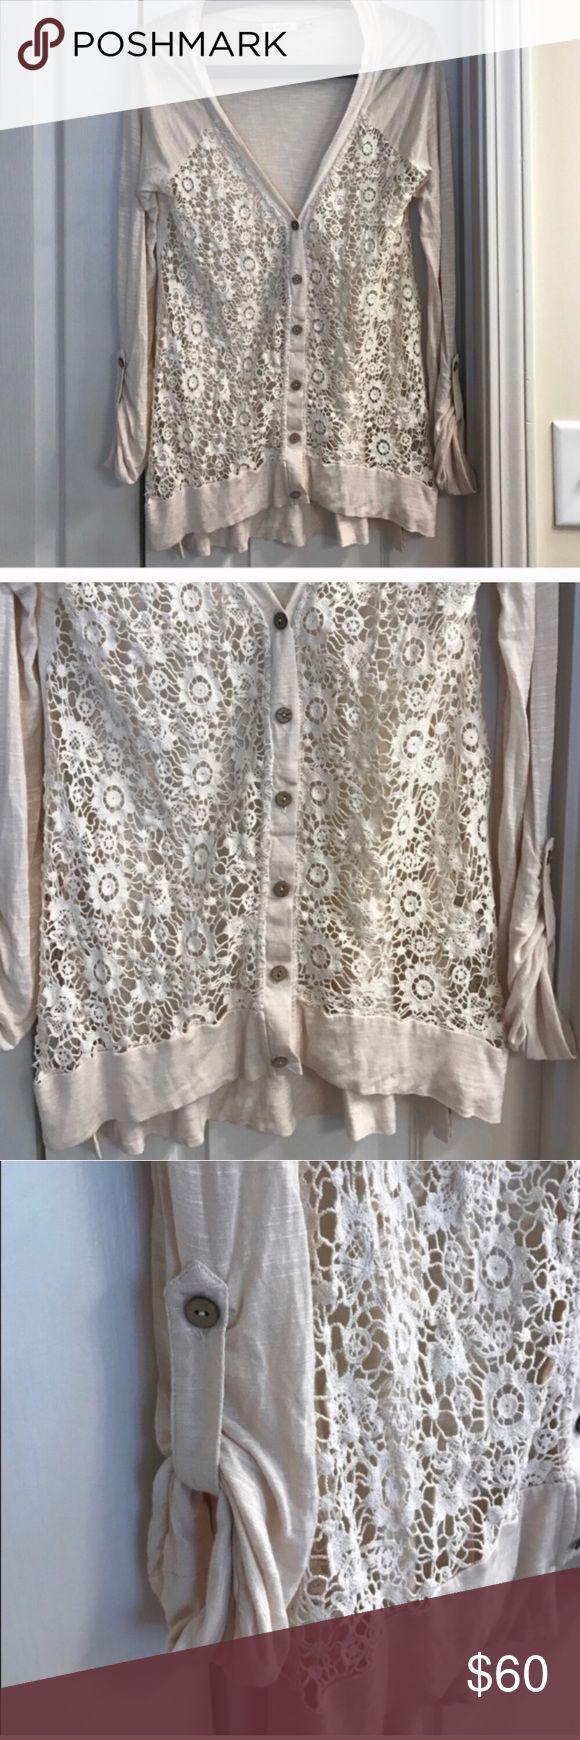 Size small beige lace floral Blu Pepper cardigan Size small beige lace floral Blu Pepper cardigan Blu Pepper Sweaters Cardigans